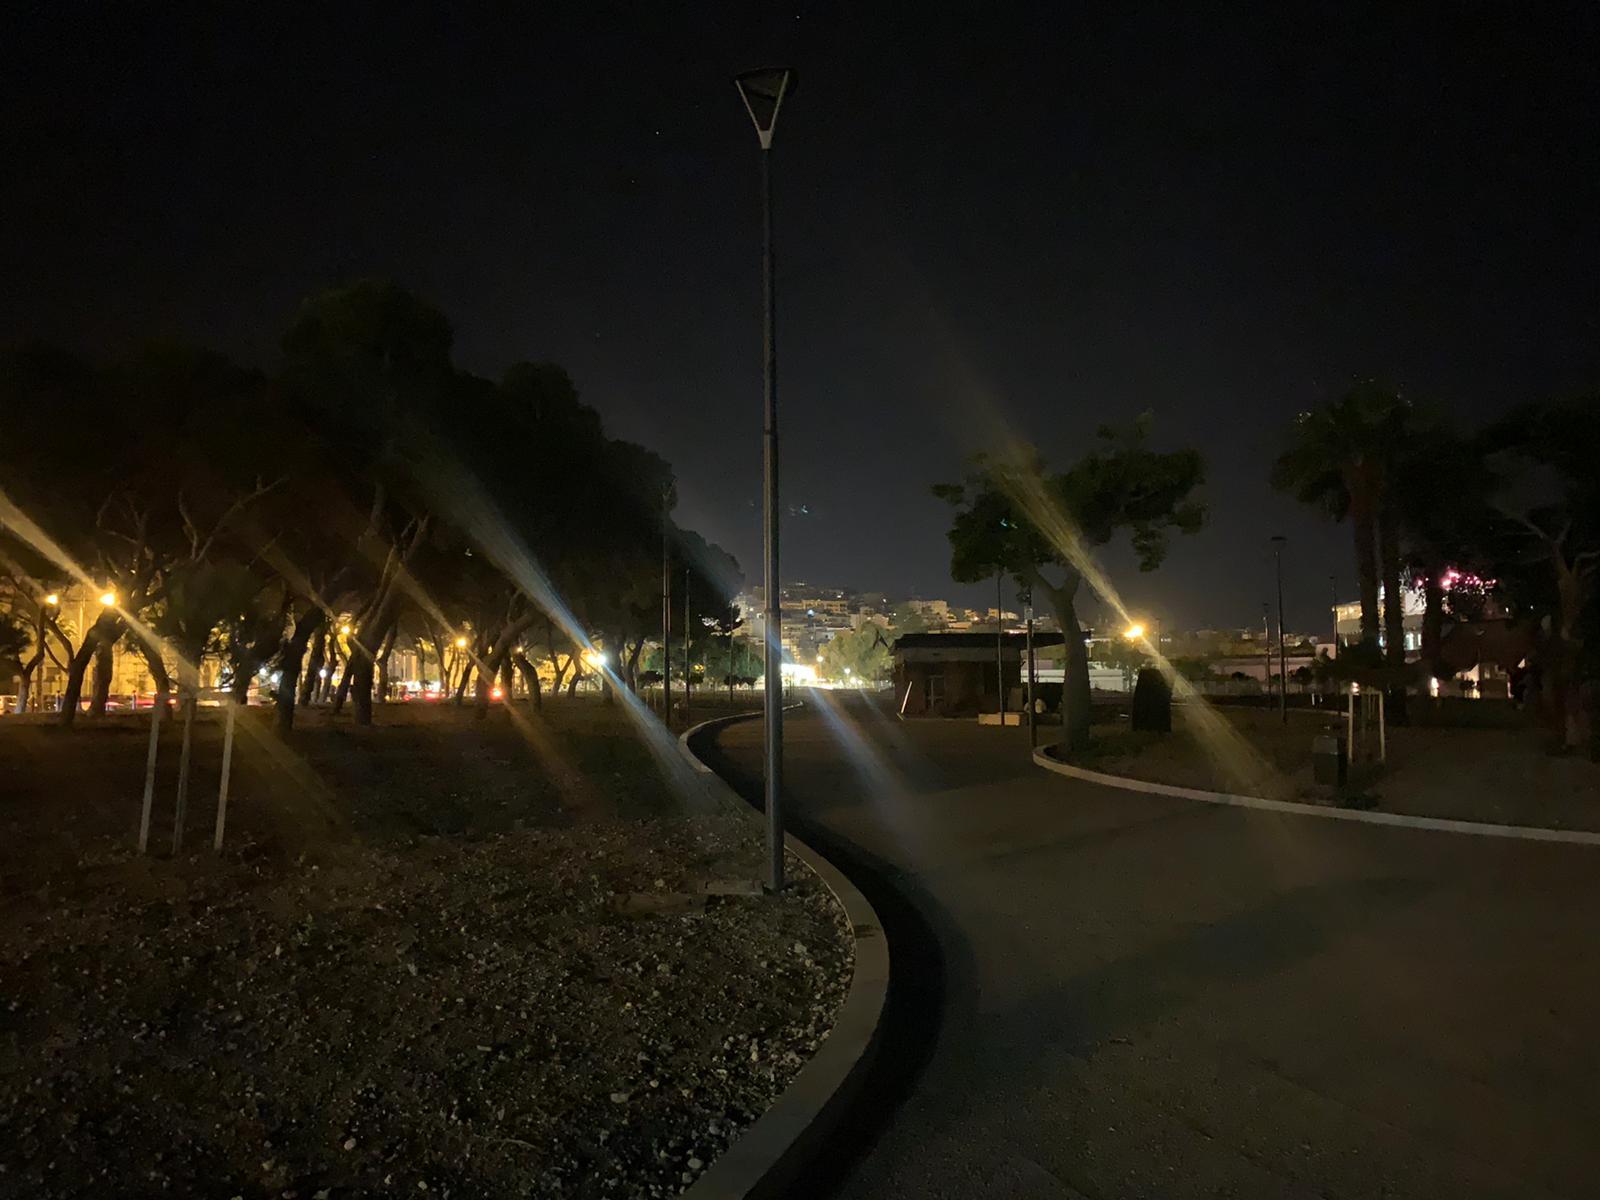 Reggio Calabria, il nuovo Waterfront si è già spento: blackout totale 3 settimane dopo l'inaugurazione, tutta l'area è al buio [FOTO]